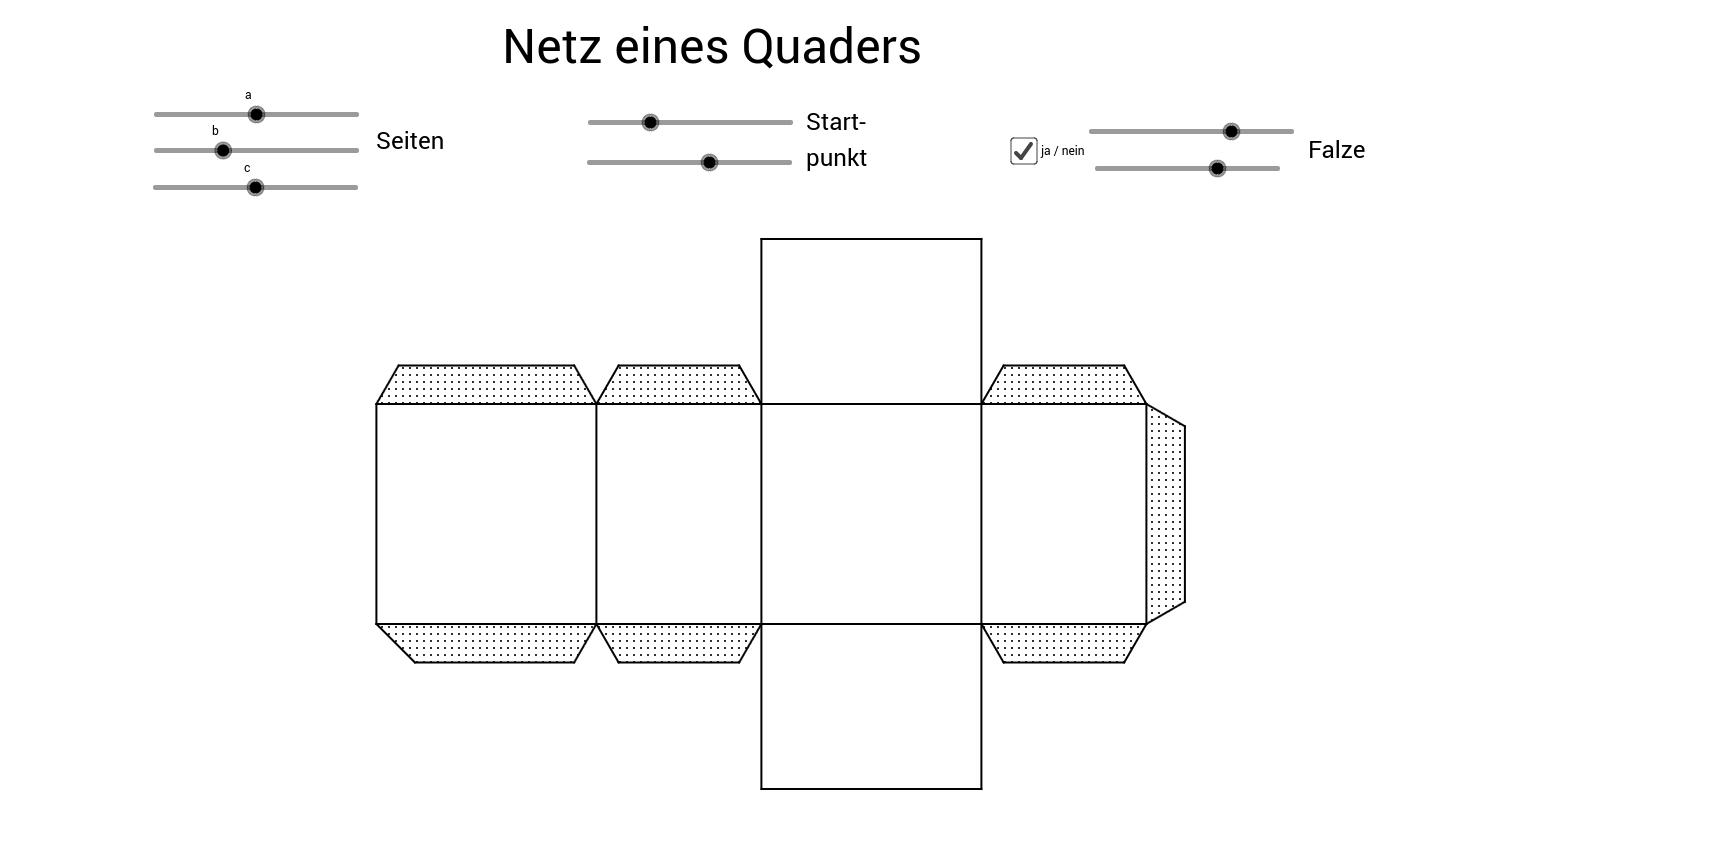 Netz eines Quaders